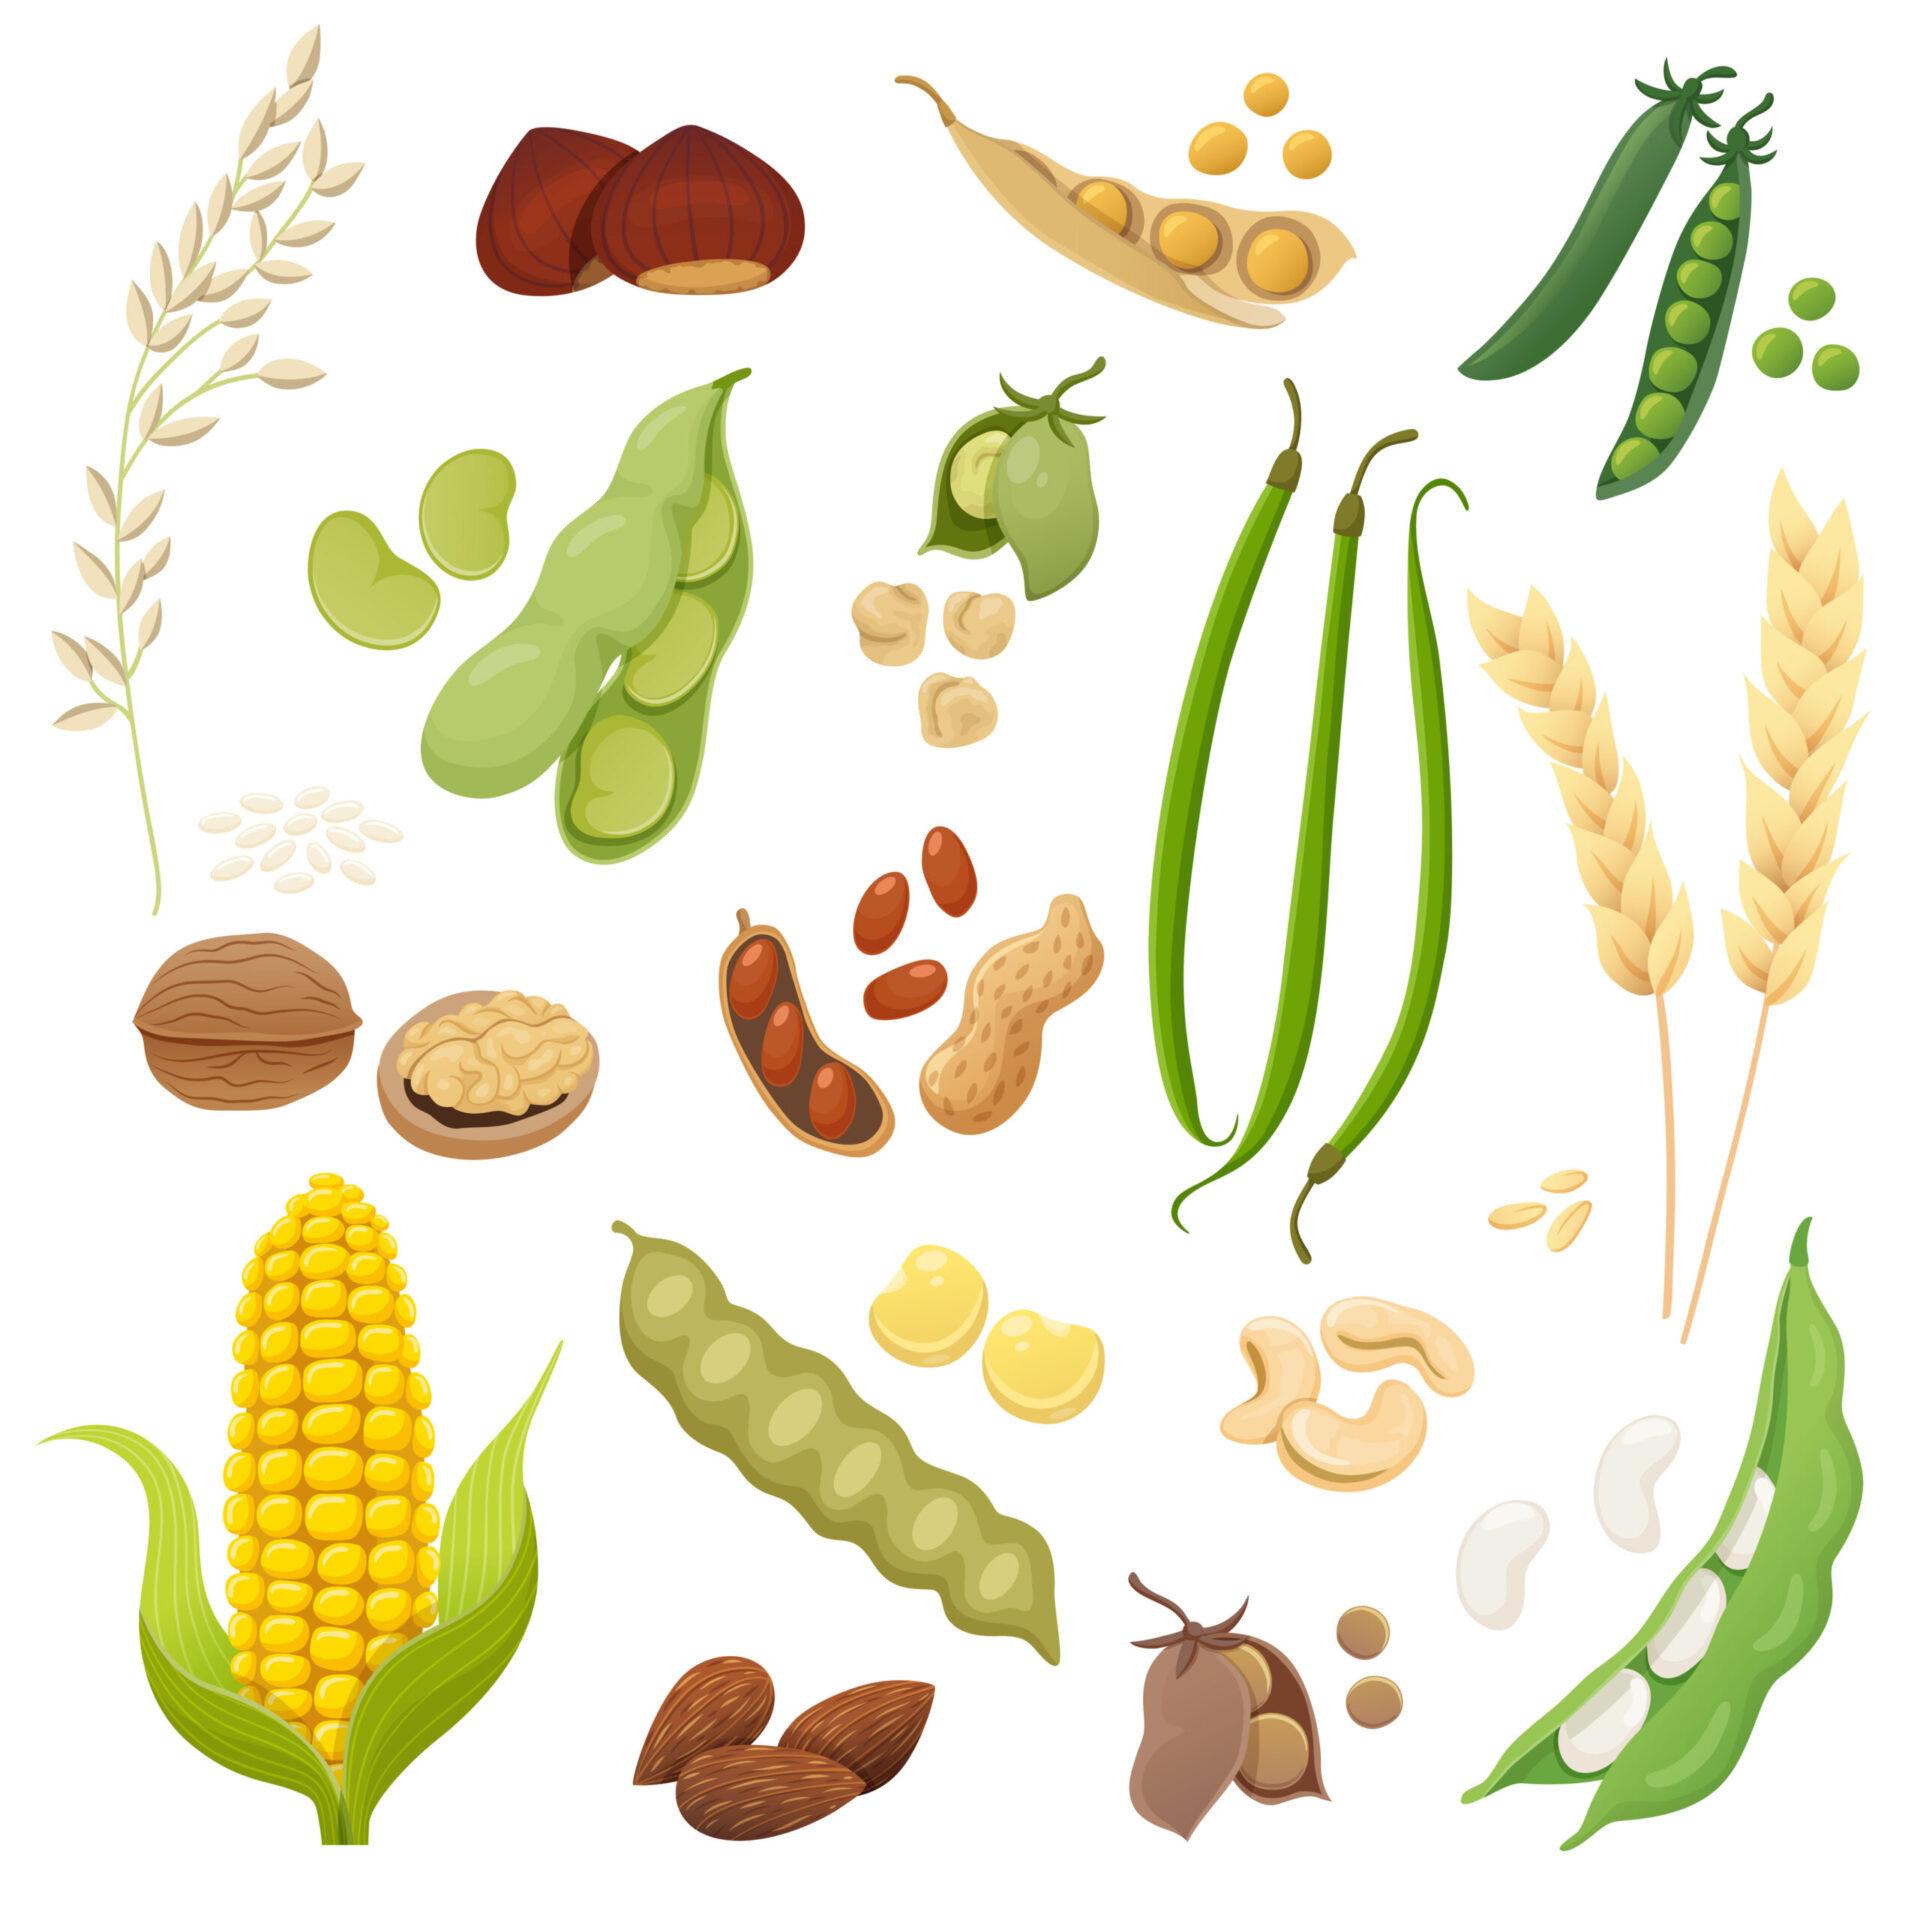 Alimente vegetale bogate în proteine care sunt foarte accesibile sunt leguminoasele. Ele pot asigura o mare parte din necesarul zilnic.